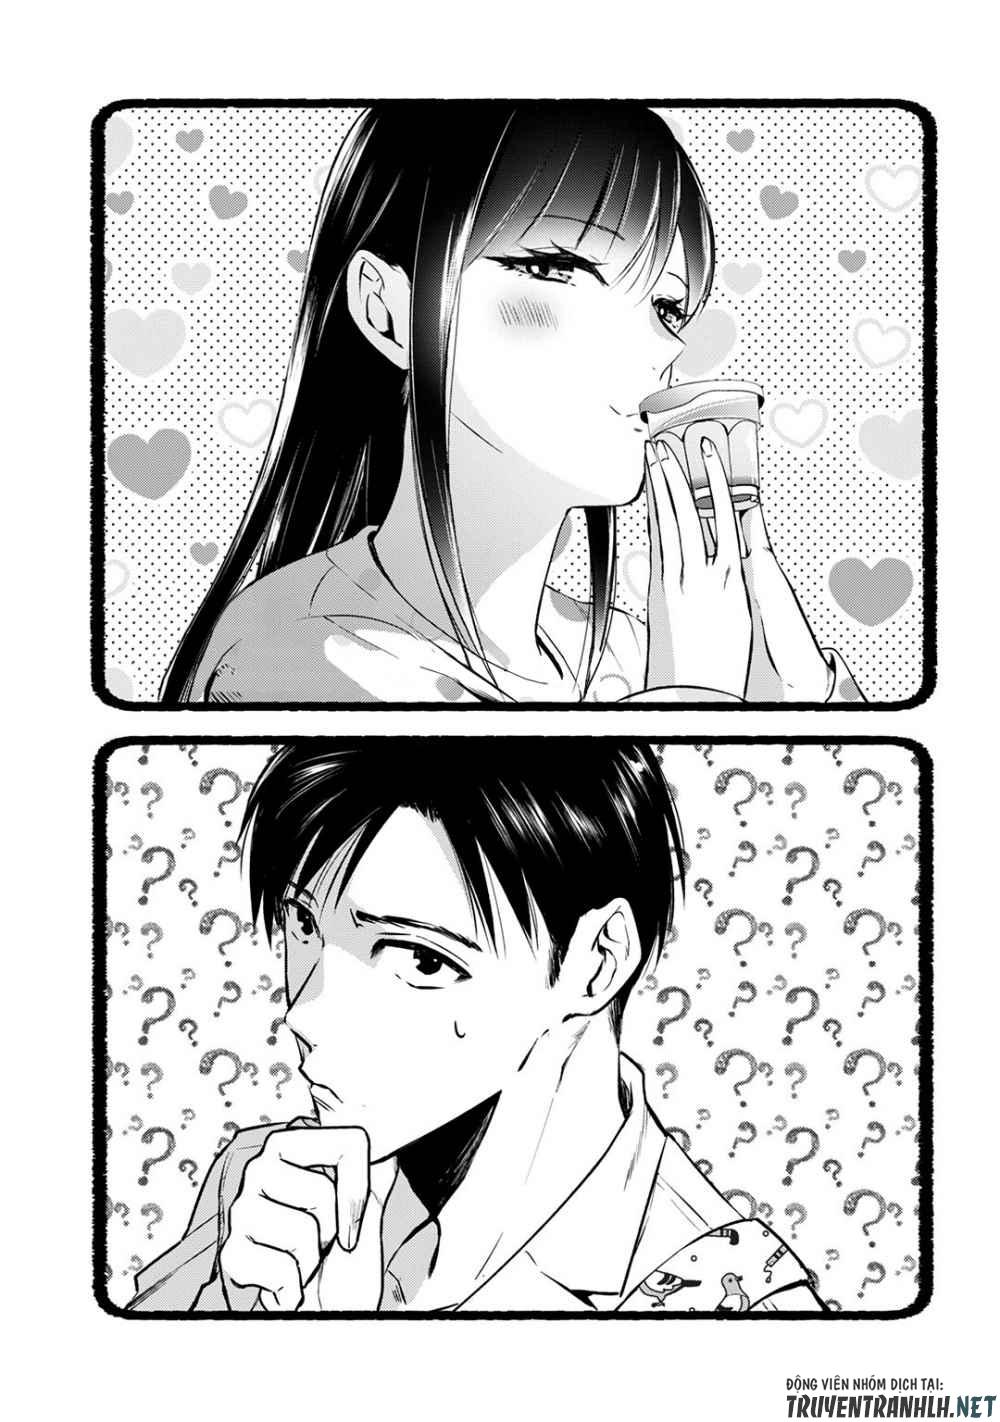 Tsuki 50-man moratte mo Ikigai no nai Tonari no Onee-san ni 30-man de Yatowarete